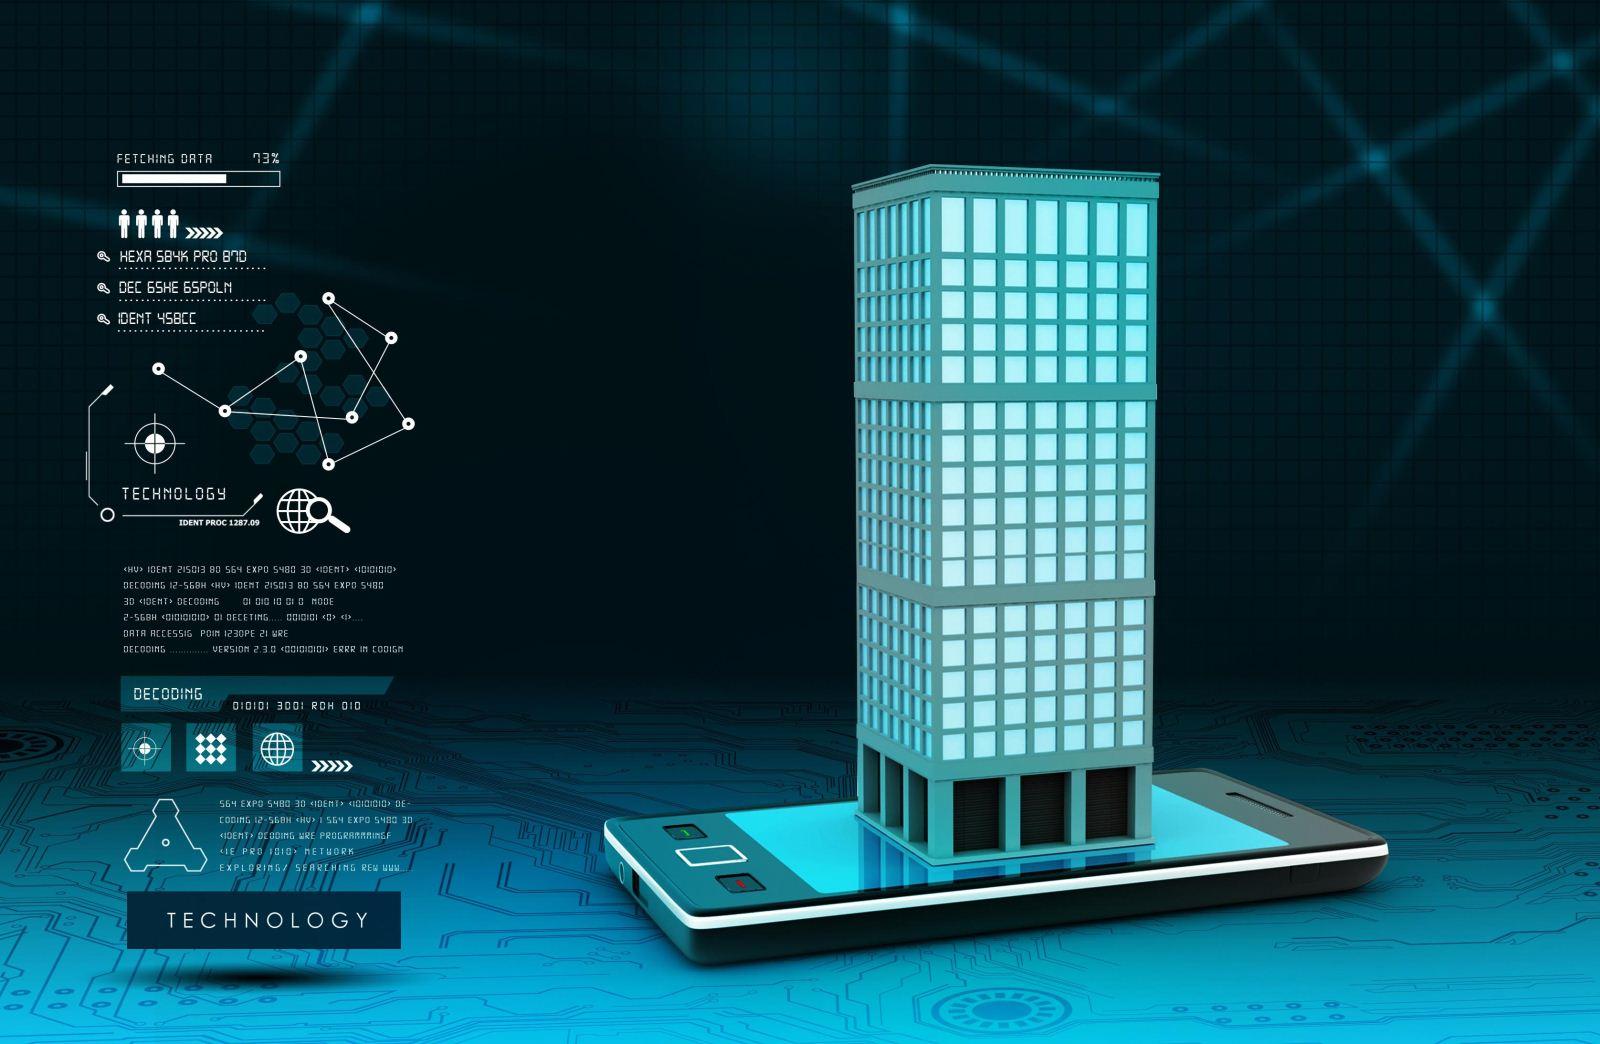 颠覆想象力的变革——懂你的建筑